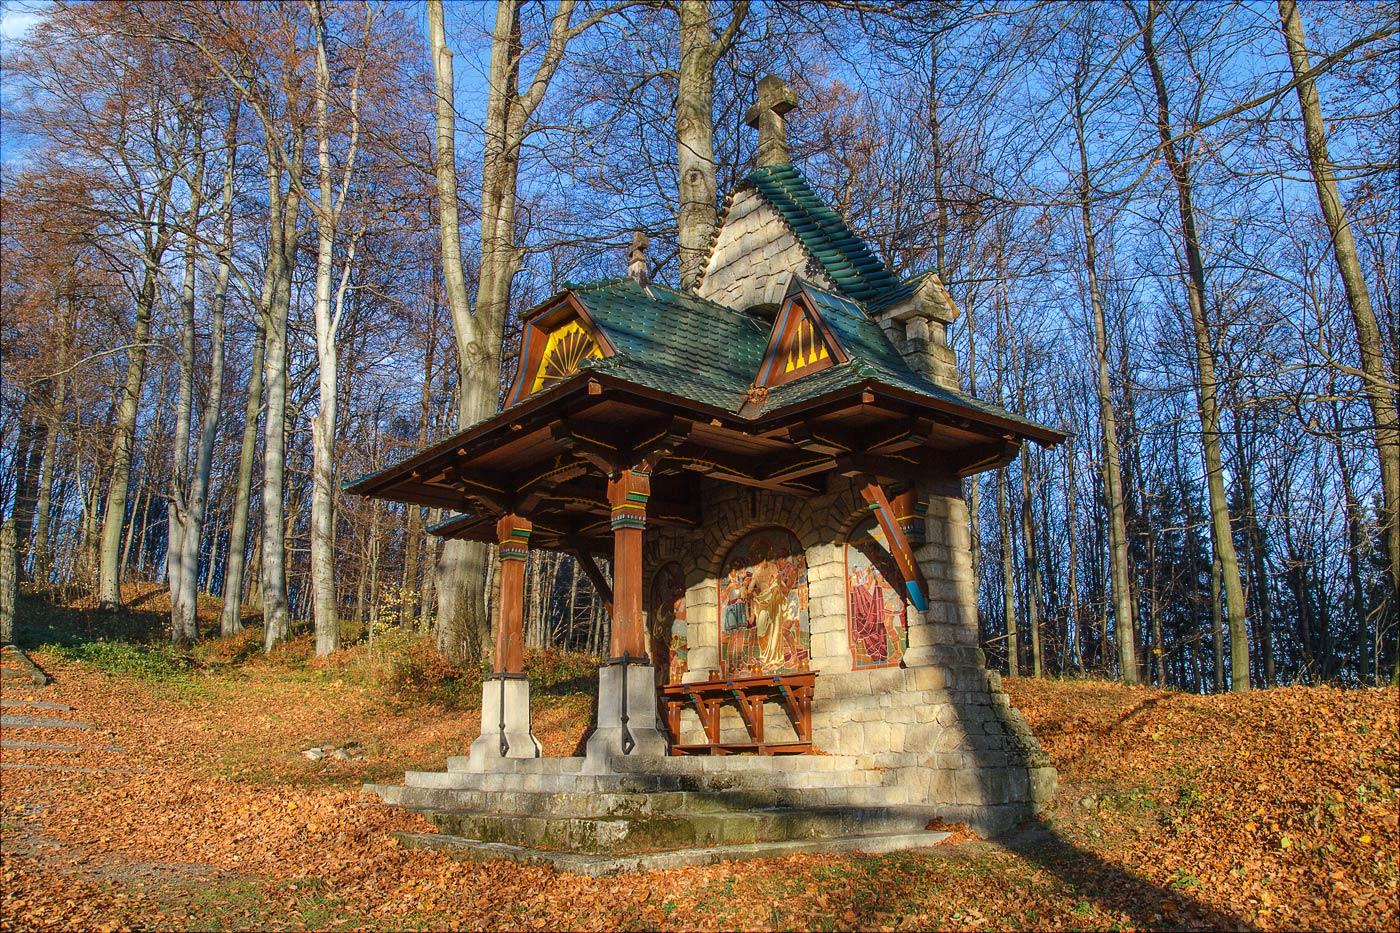 http://countryczech.com/wp-content/uploads/2015/10/photos/20131026-162942_Svaty_Hostyn.jpg